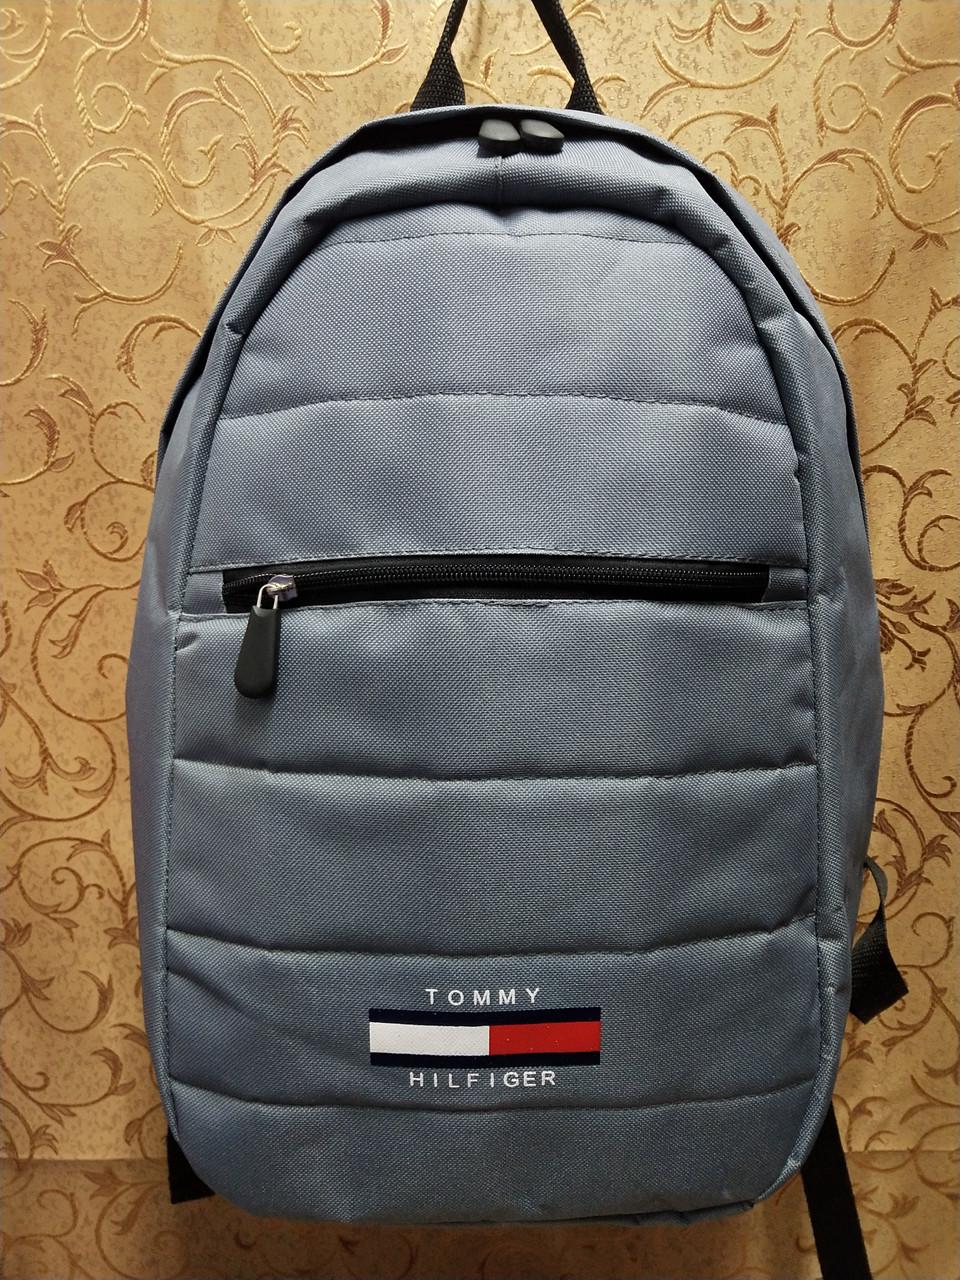 Рюкзак tommy Томми новинки моды спортивный спорт городской стильный Школьный рюкзак только оптом